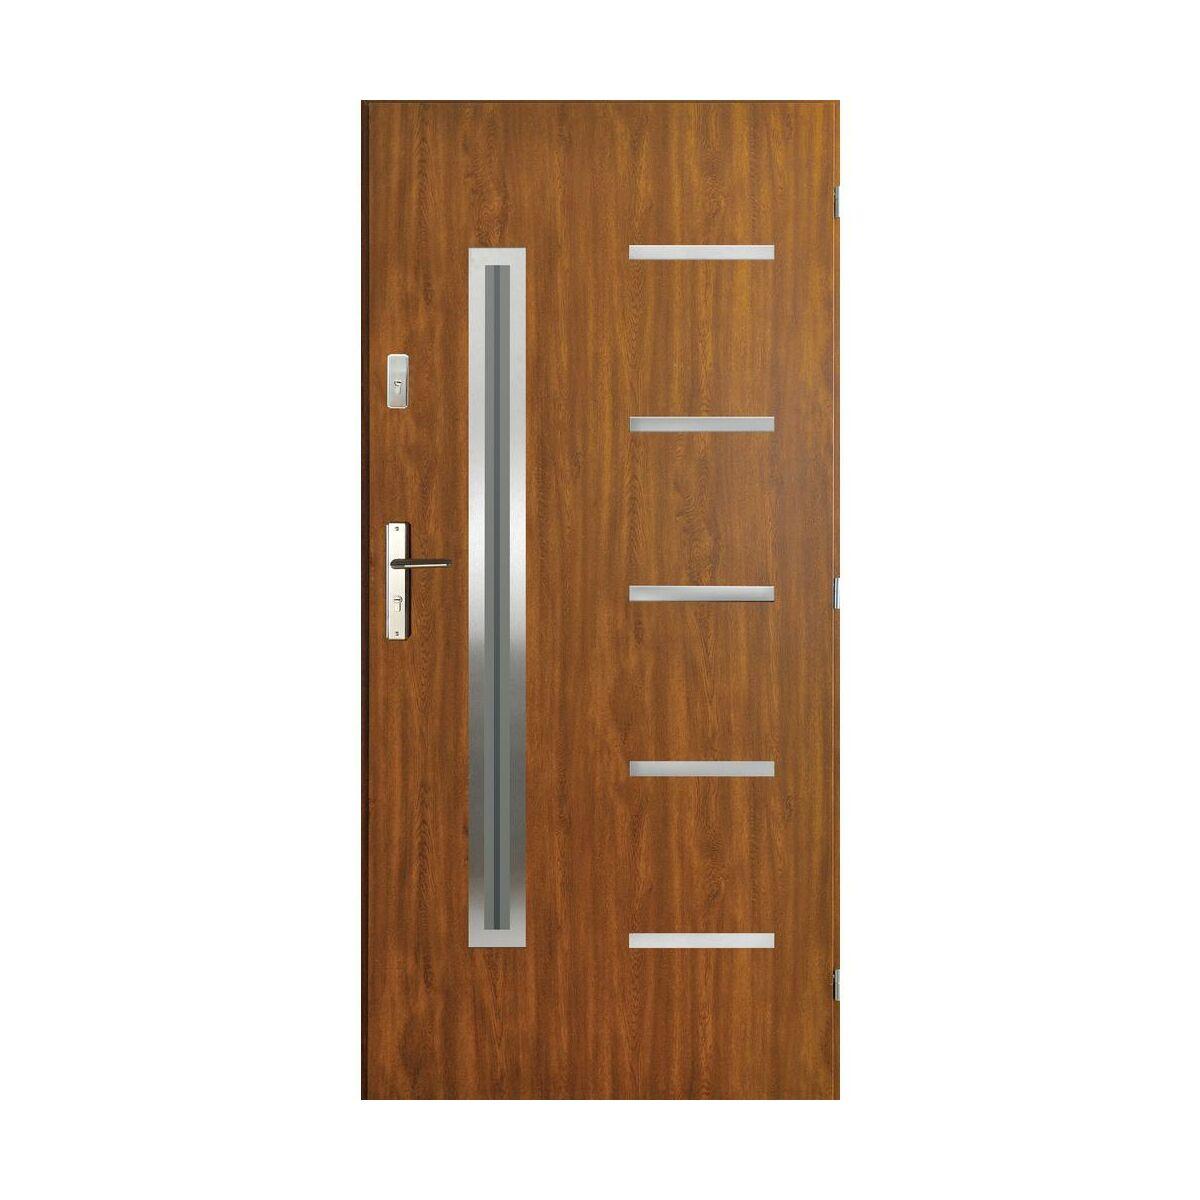 Drzwi Wejsciowe Nike Zloty Dab 90 Prawe Pantor Drzwi Zewnetrzne Do Domu Mieszkania W Atrakcyjnej Cenie W Sklepach Leroy Merlin